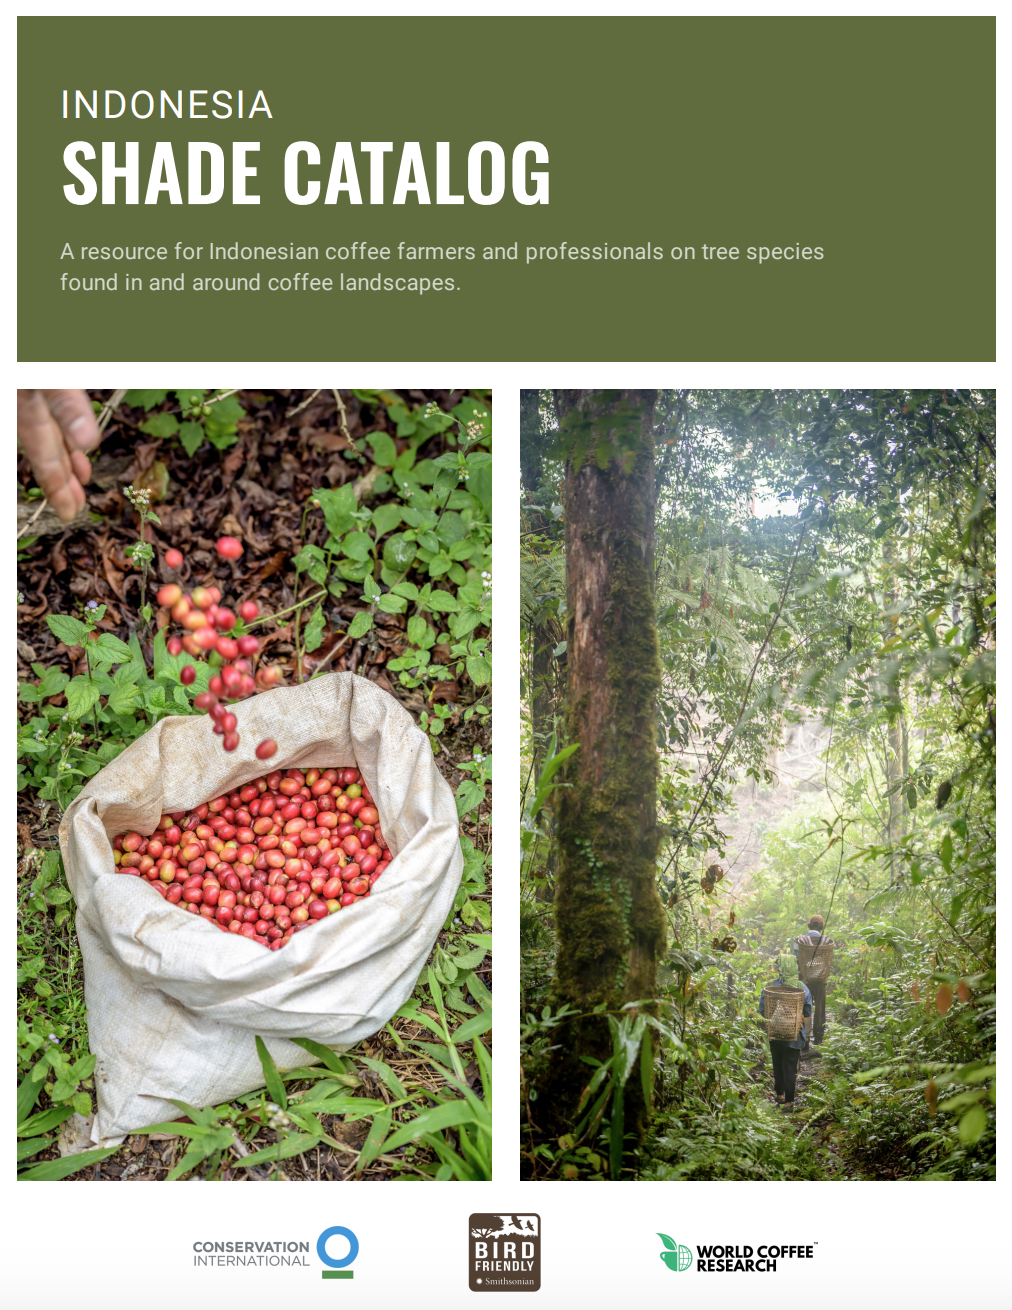 The Shade Catalog